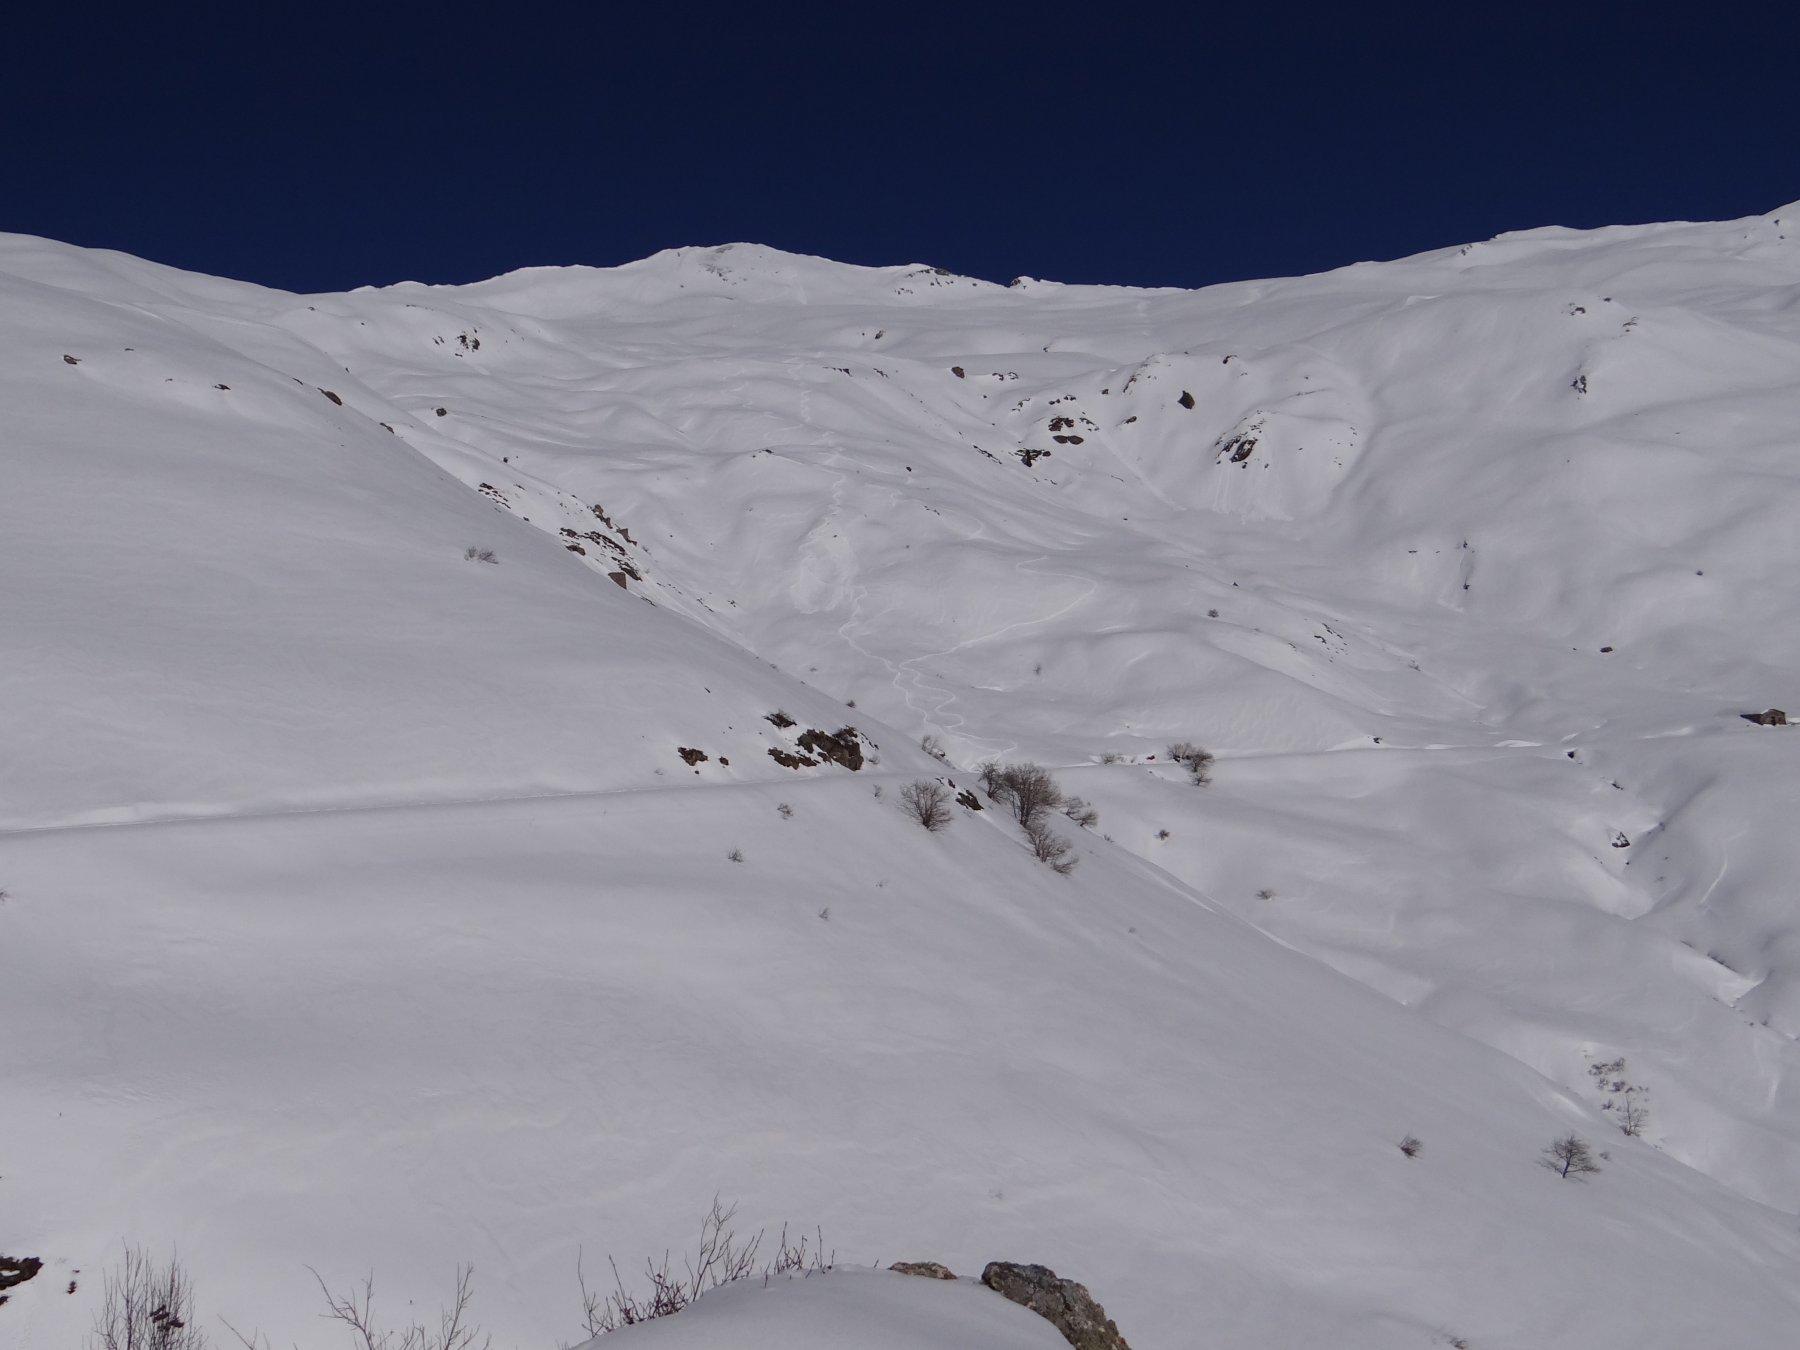 Piccoli distacchi di neve umida sui pendii più ripidi